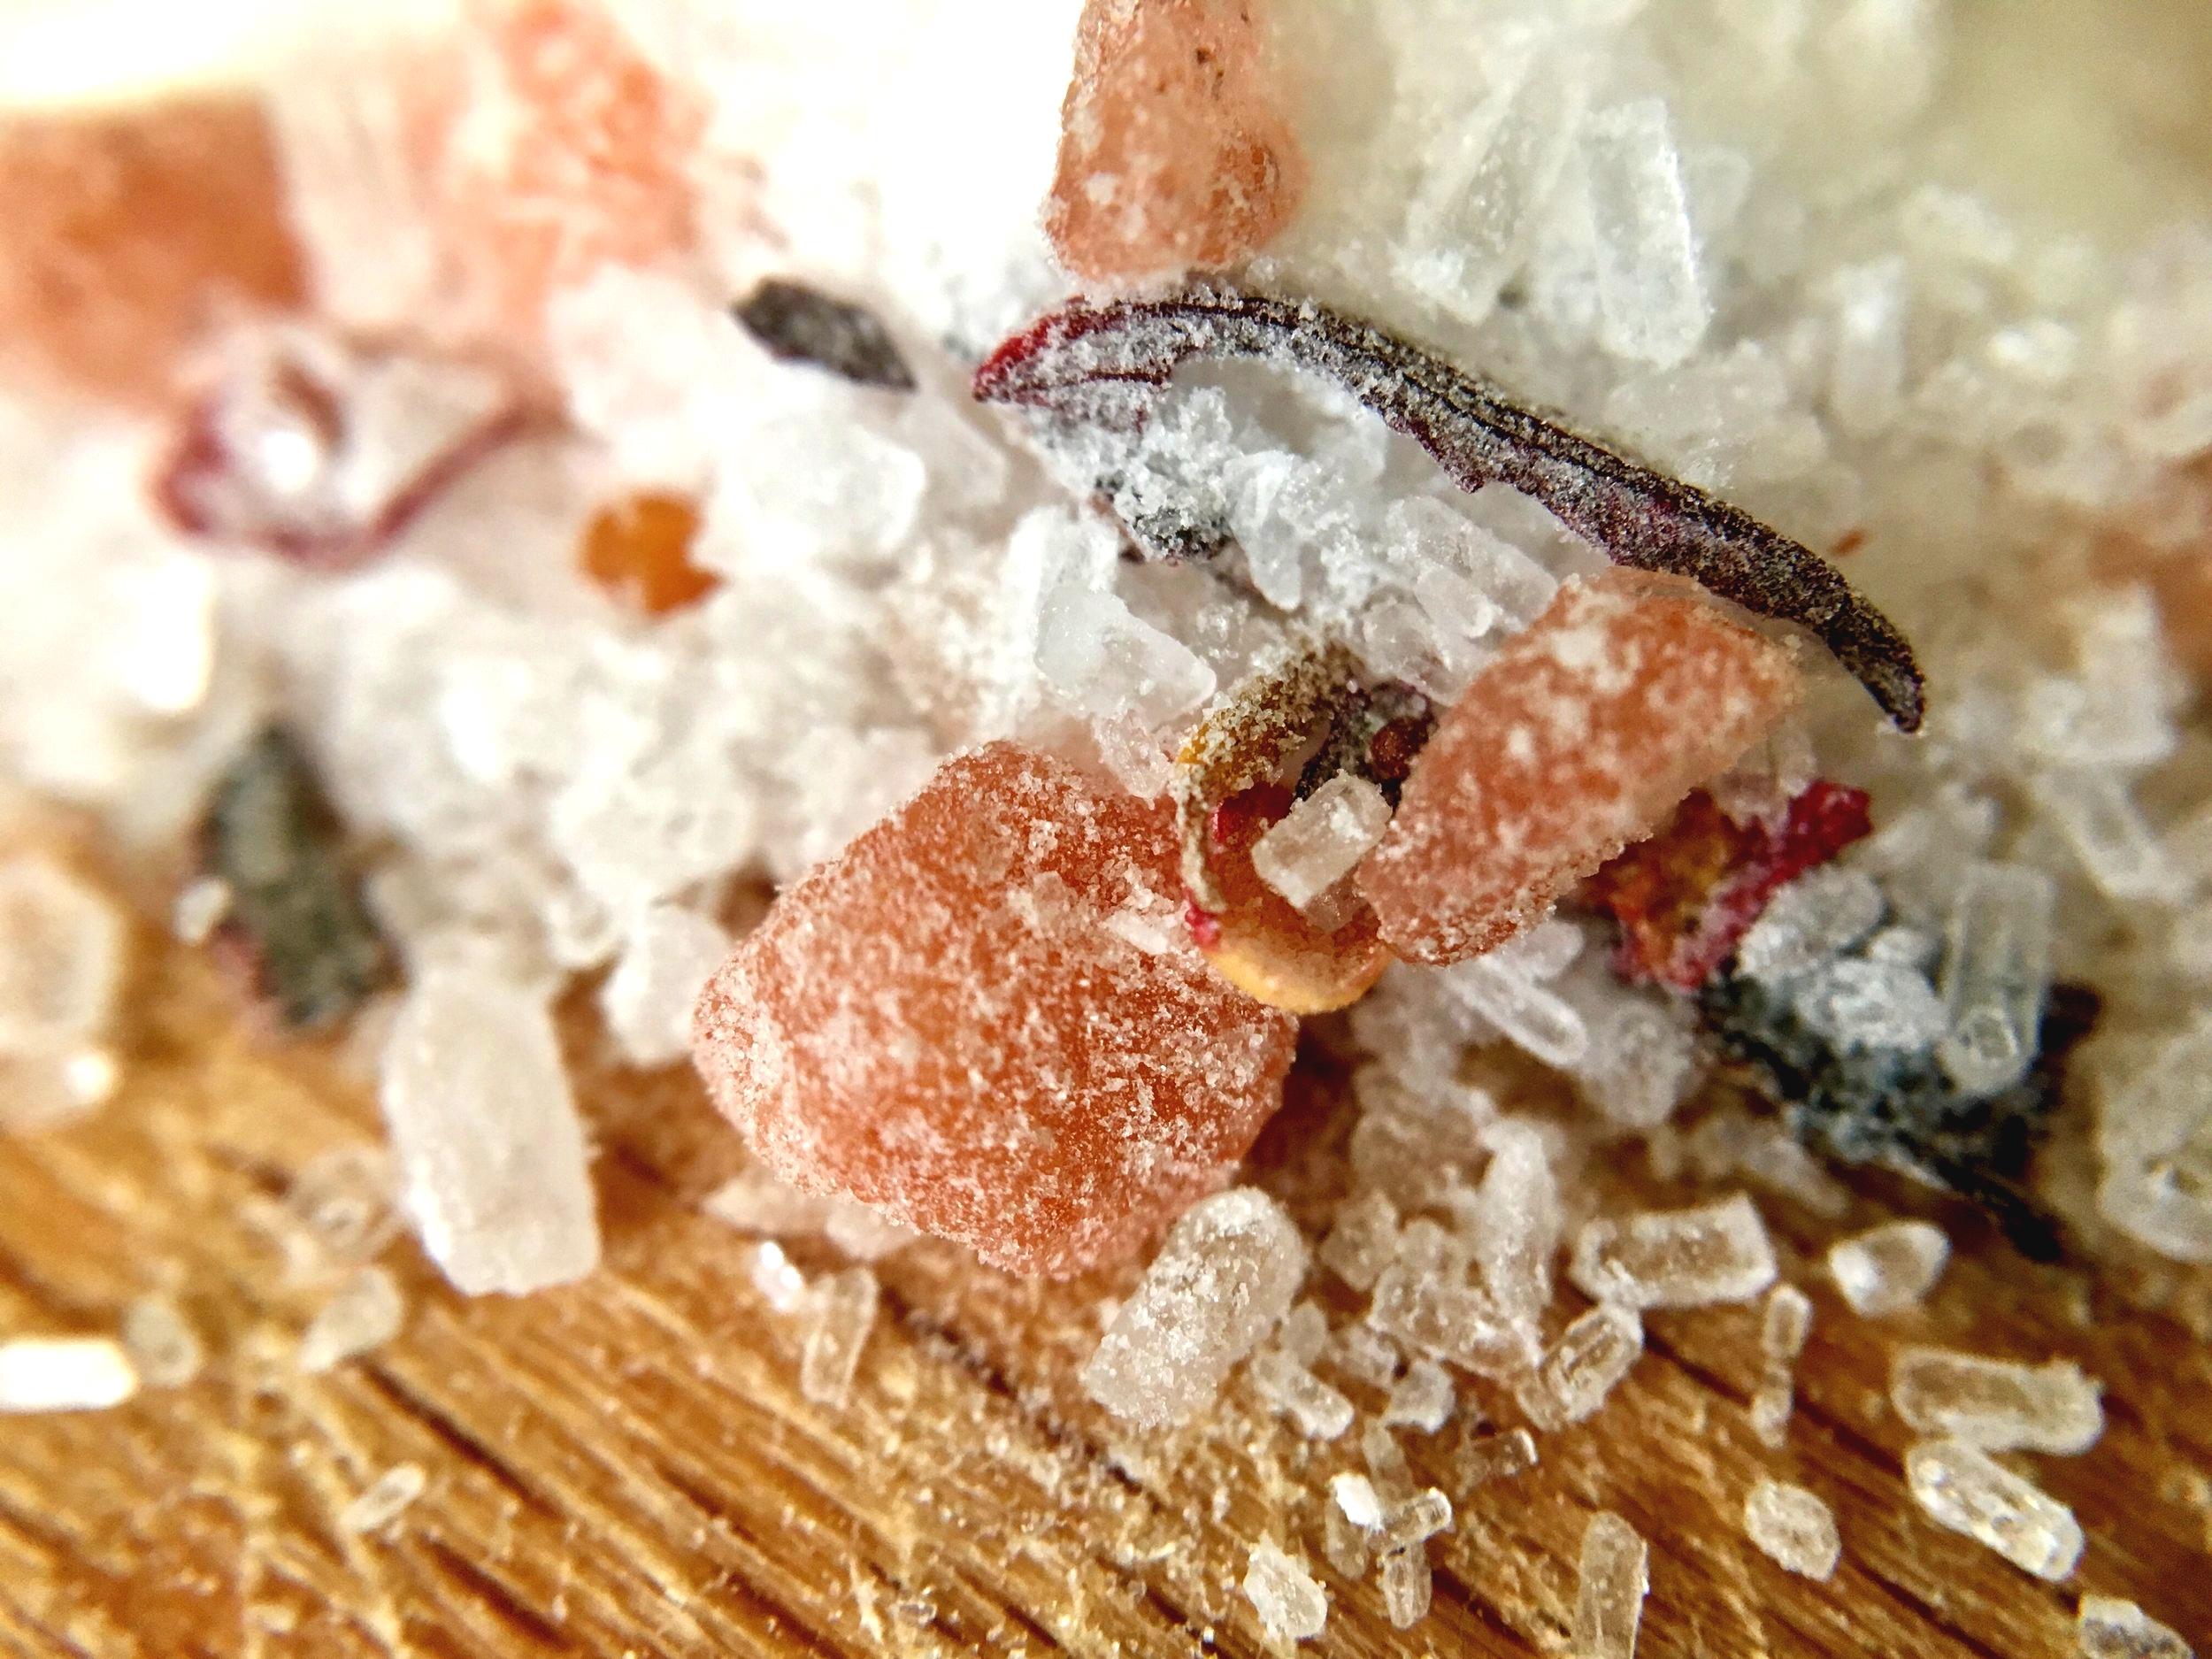 YUMMY SELF-CARE handcrafted SALT SCRUB